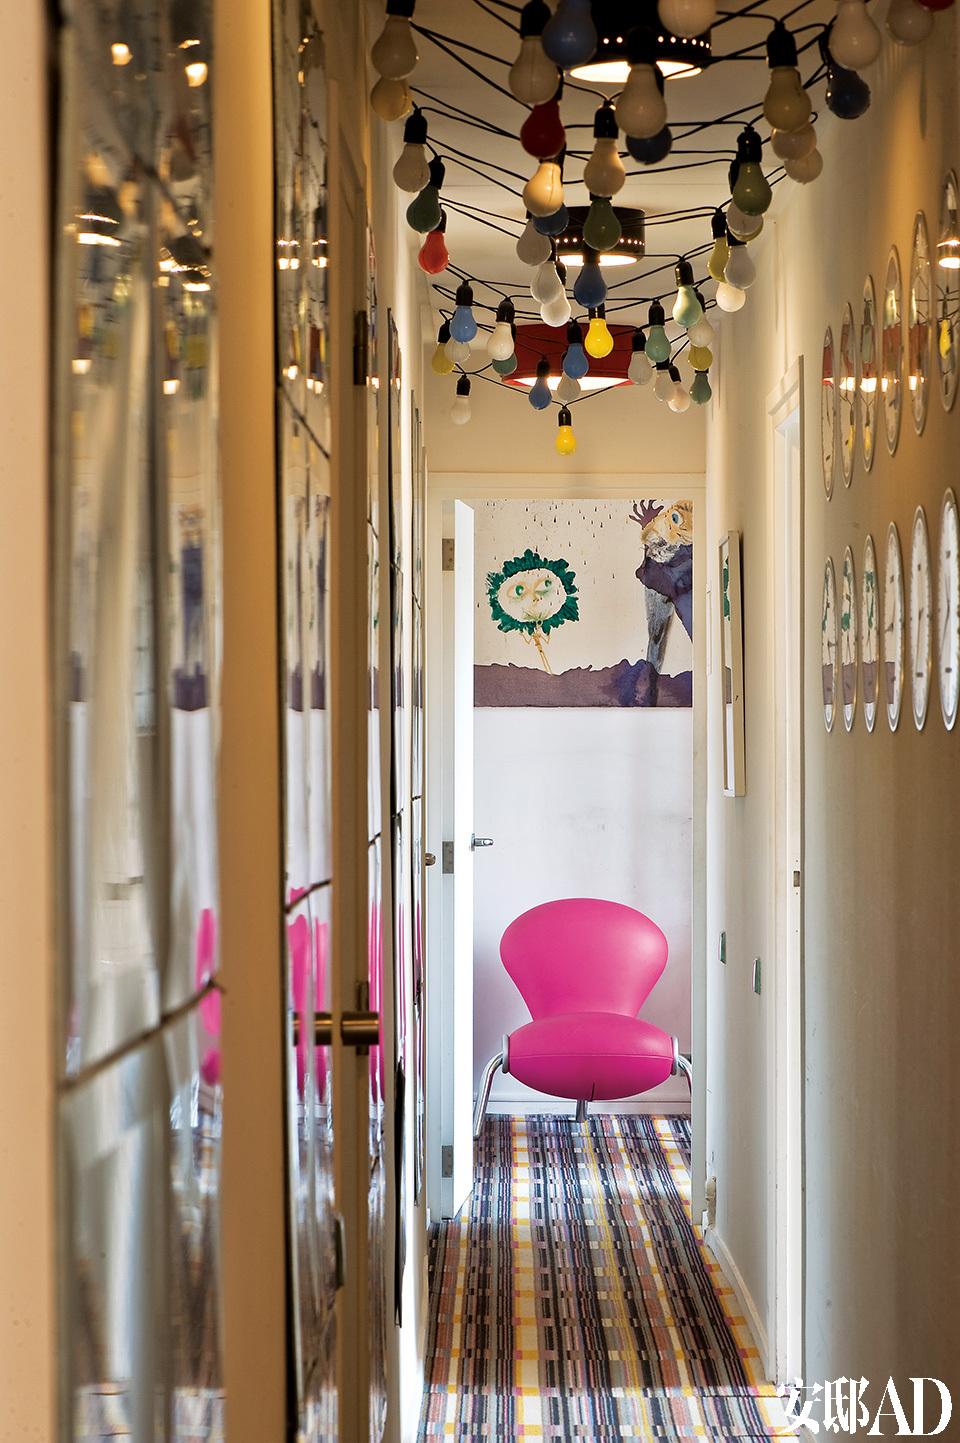 """从走进家门的第一刻起,各种艺术、设计品就扑面而来,令你眼花缭乱。走廊中,天花板装饰的设计者是Etienne Bossut,地毯来自Bouroullec兄弟,粉色椅子""""Embryo""""是Marc Newson的作品。"""